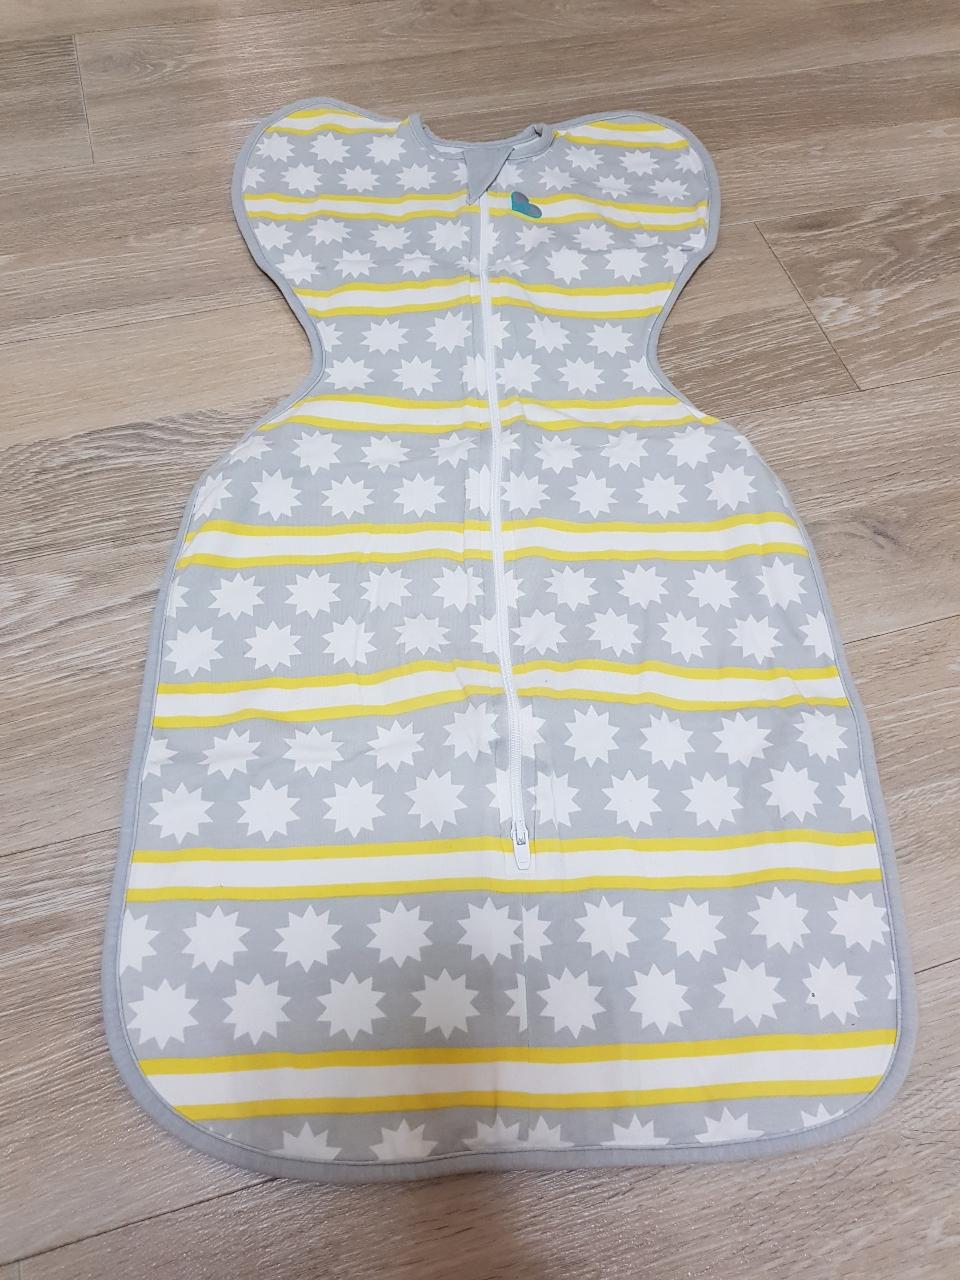 스와들업 아기 속싸개 4개 일괄판매